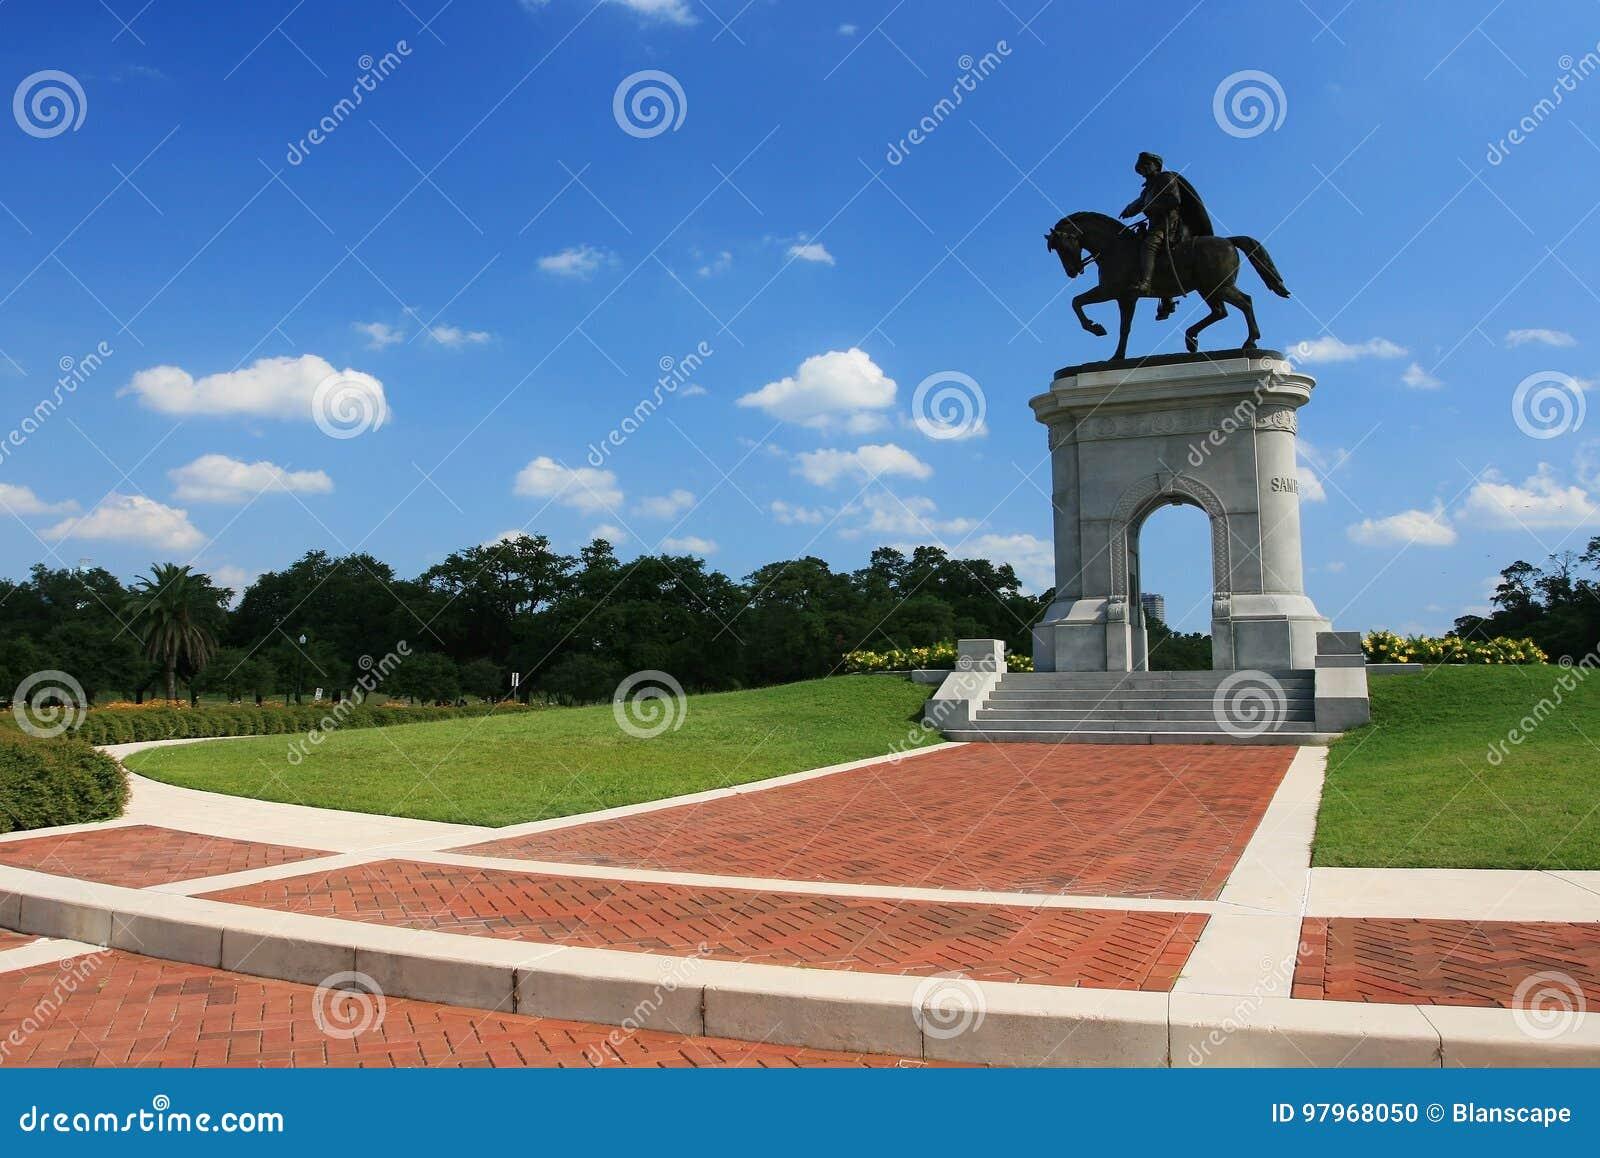 Statue de Sam Houston au parc, le Texas